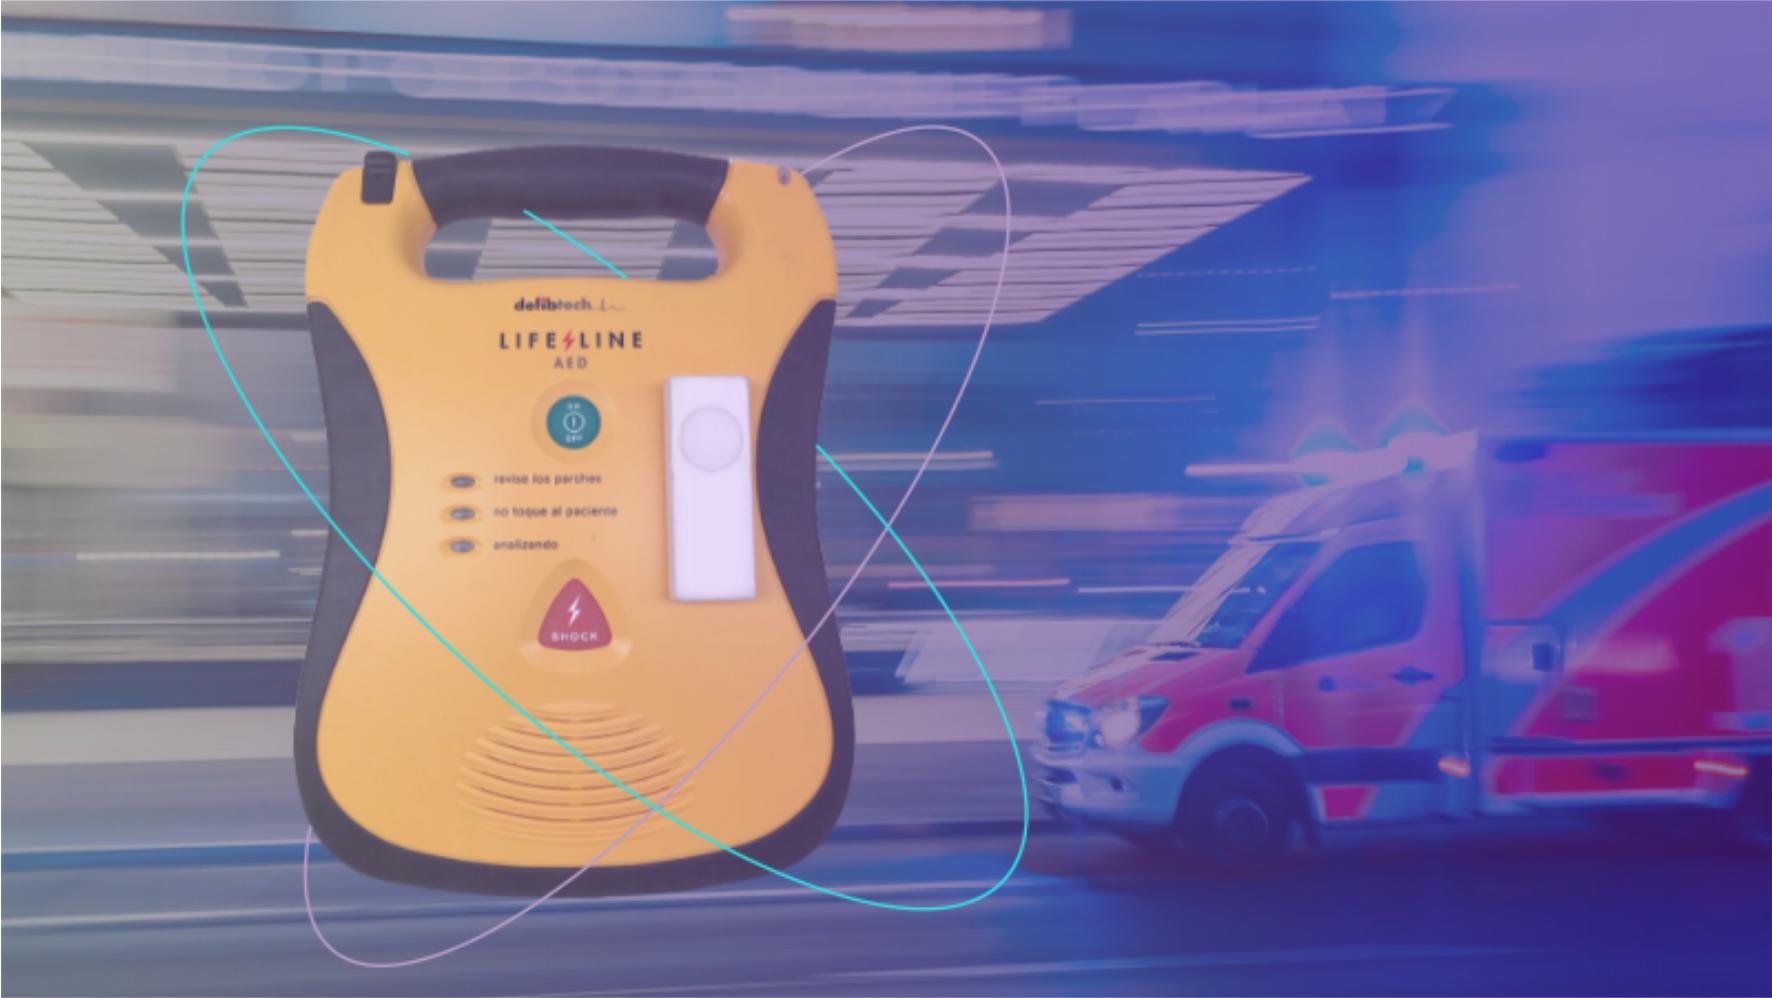 Salvando vidas con SimplePack y la máquina de desfibrilador externo automático (DEA) que ayuda a sobrevivir a un paro cardíaco